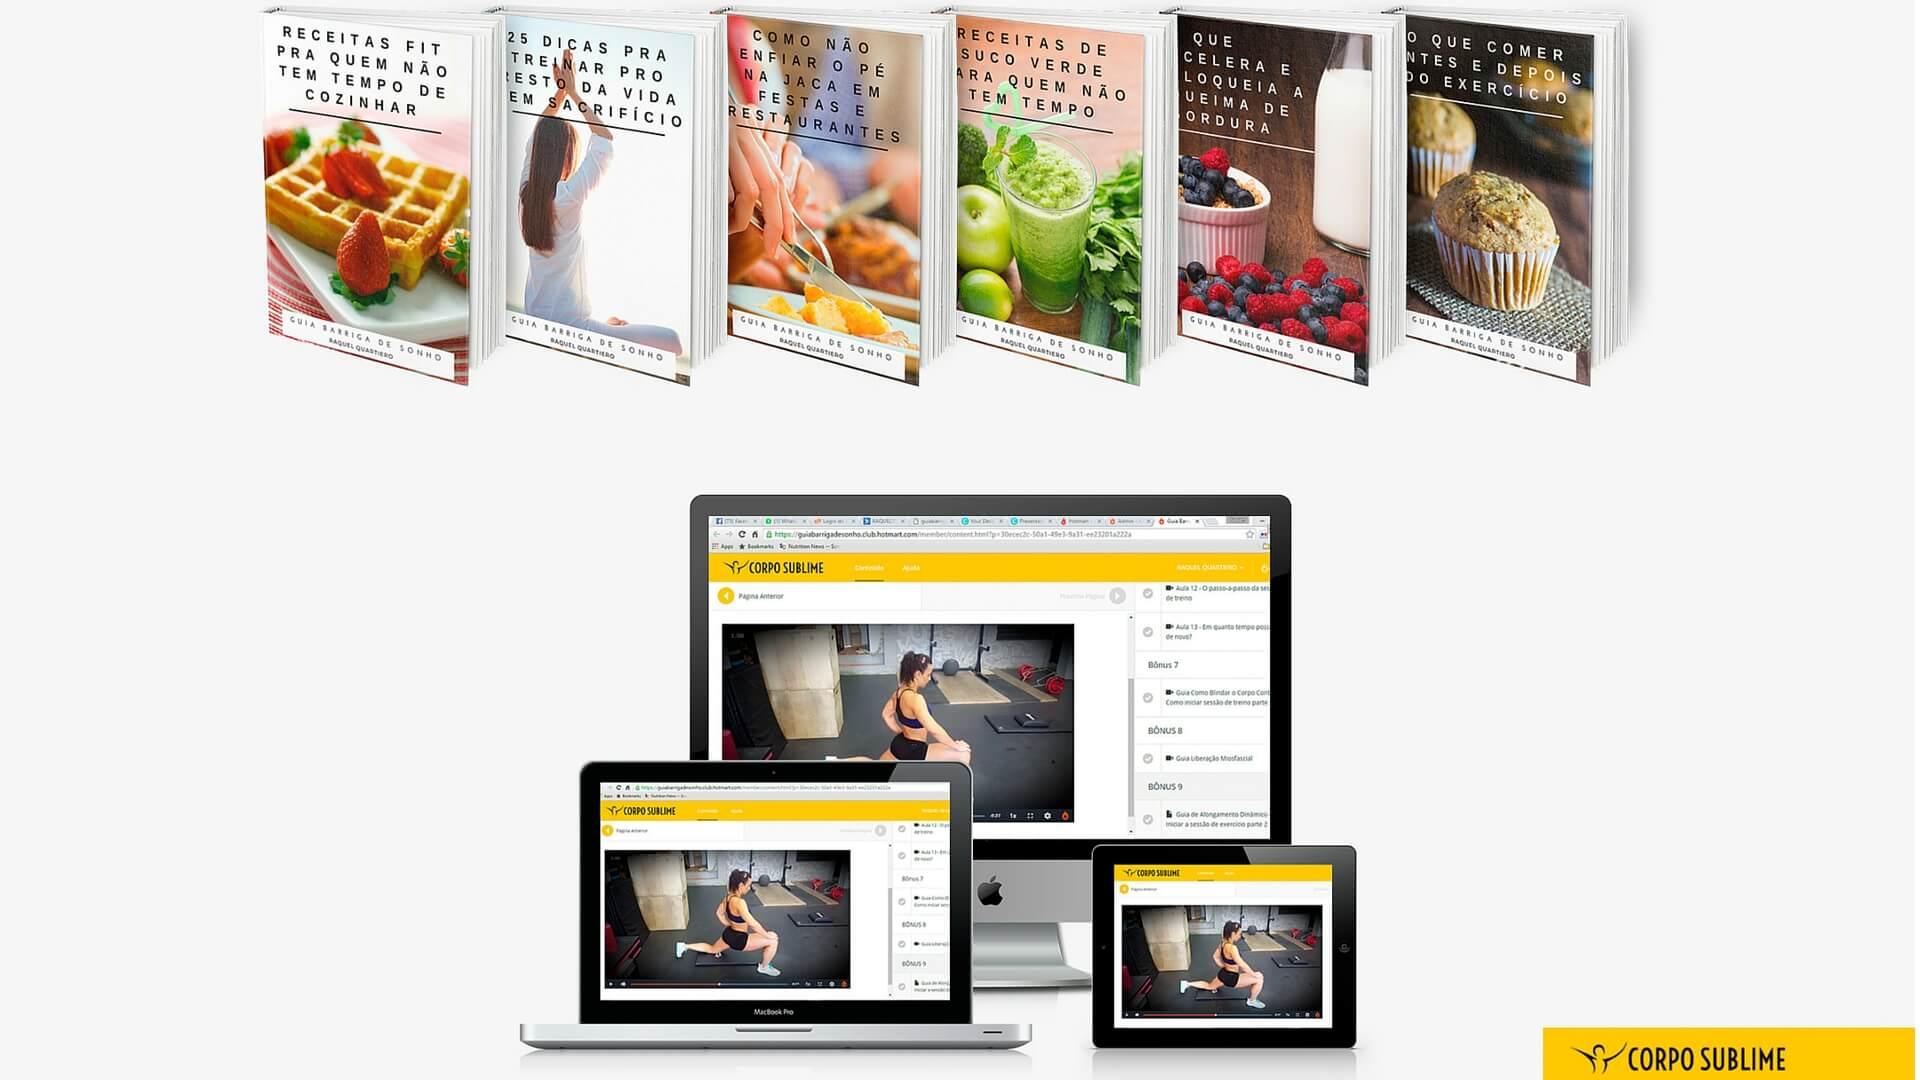 Bônus de Livros digitais que ajudam a emagrecer